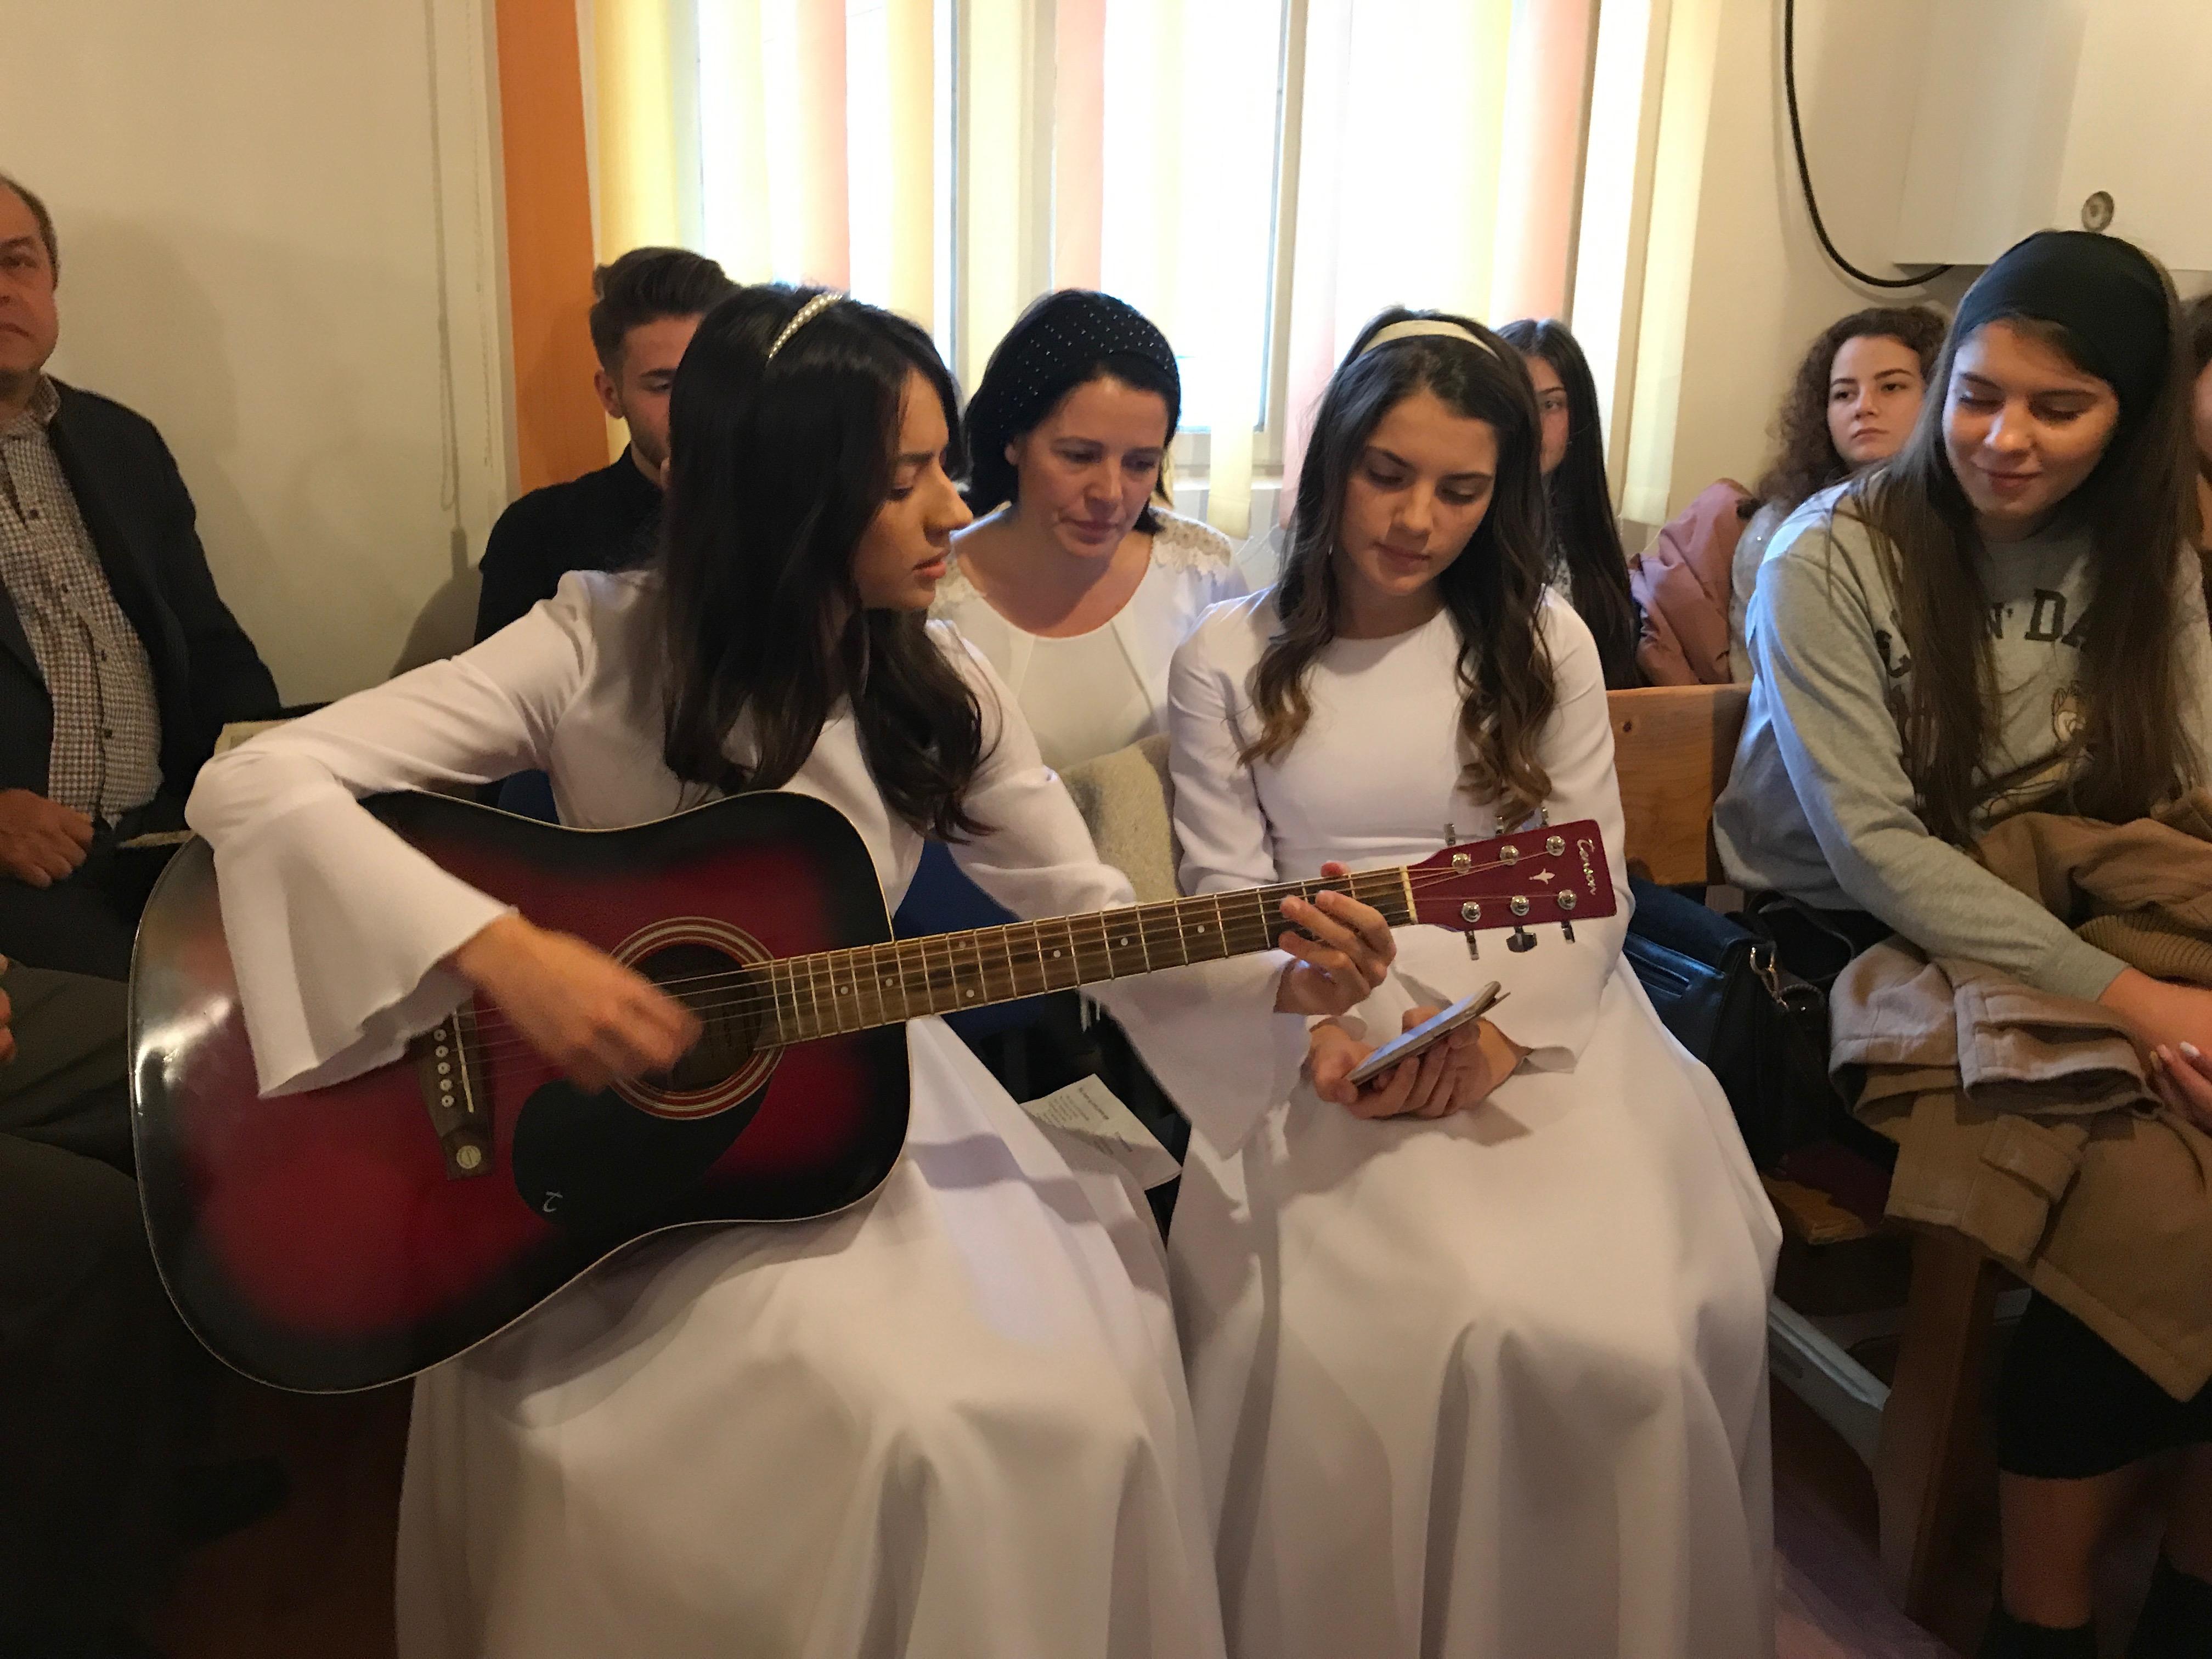 Lydia suona una canzone prima del battesimo